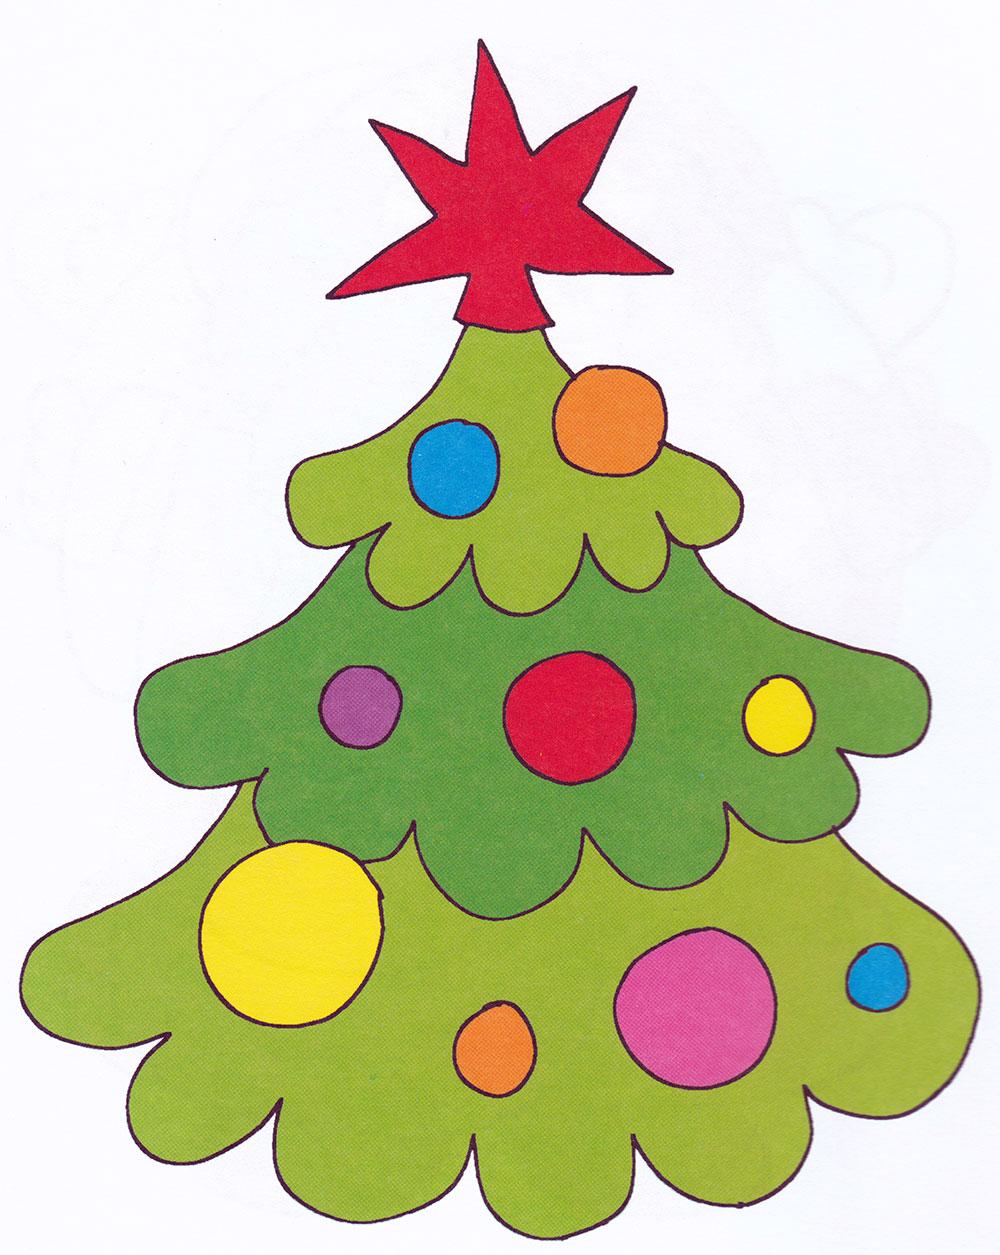 Раскраска Новогодняя елка со звездой - распечатать бесплатно